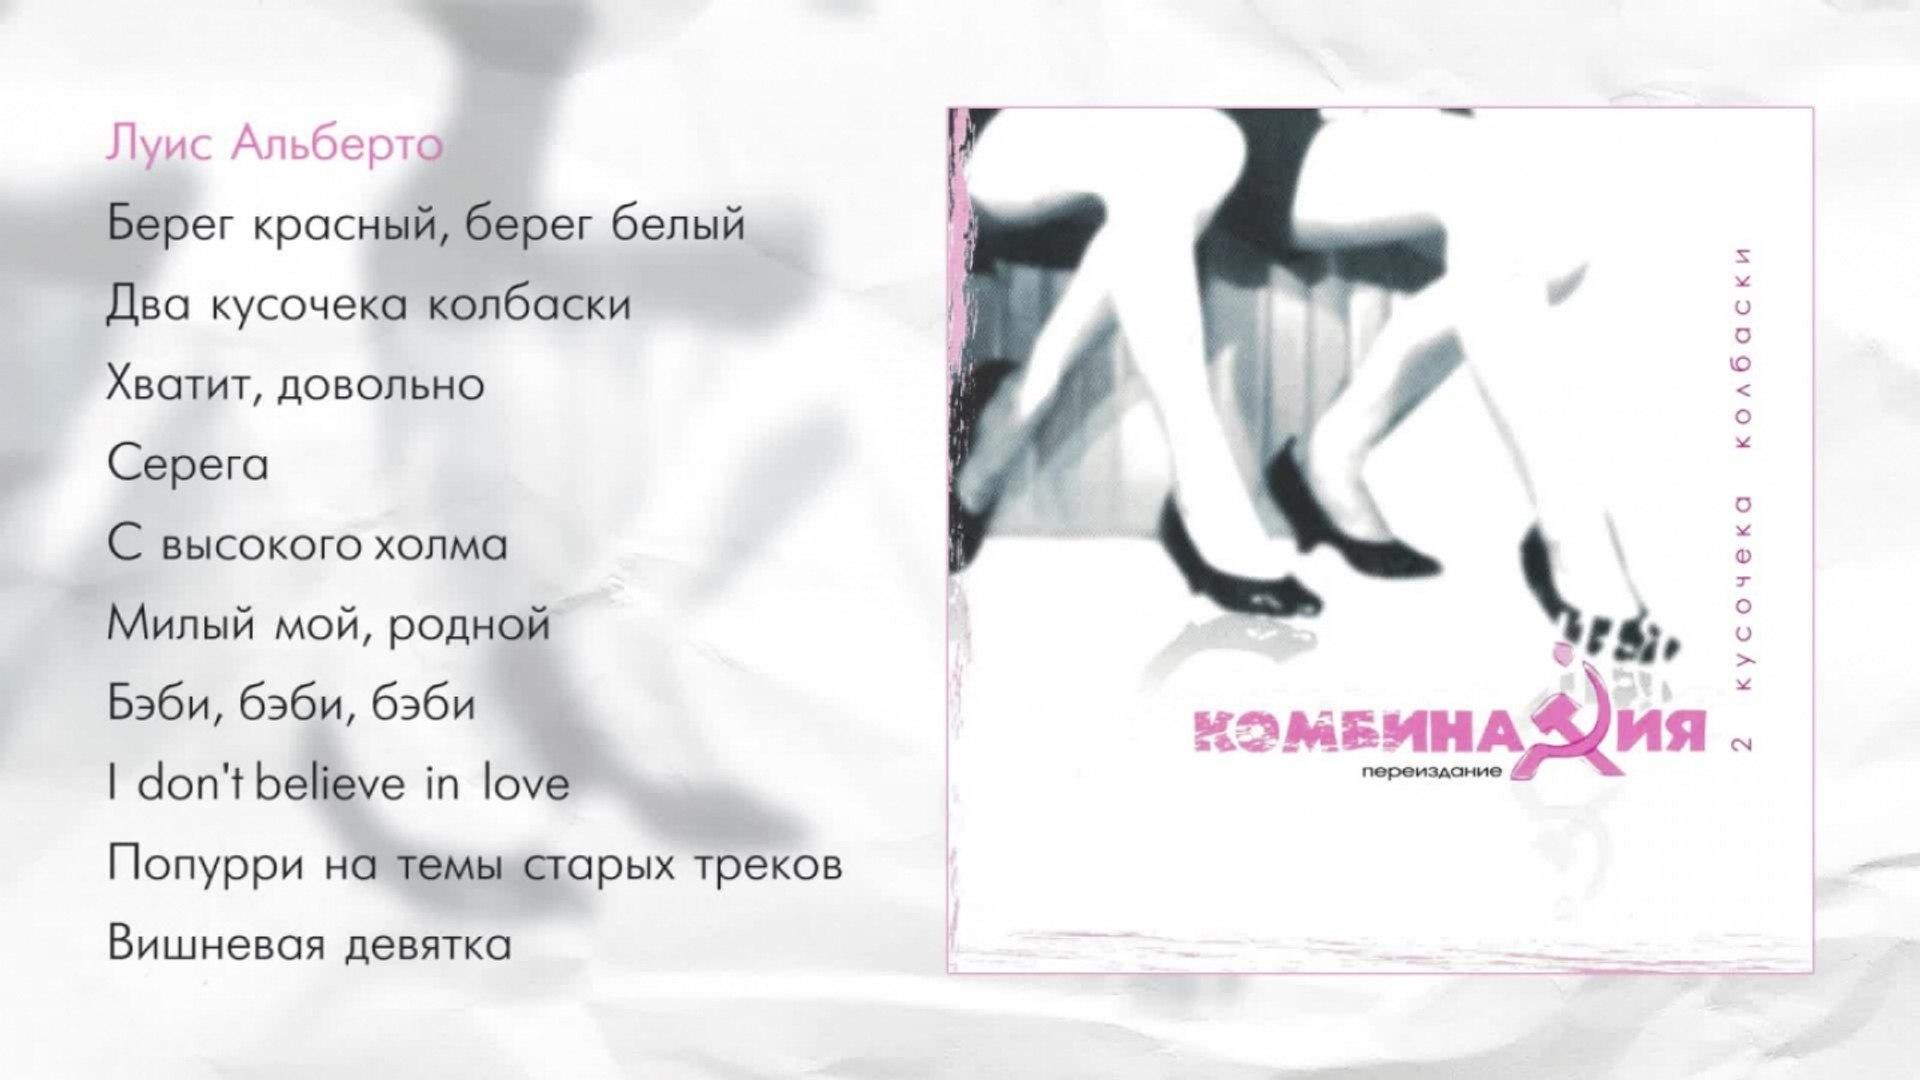 Комбинация - Два кусочека колбаски - official audio album